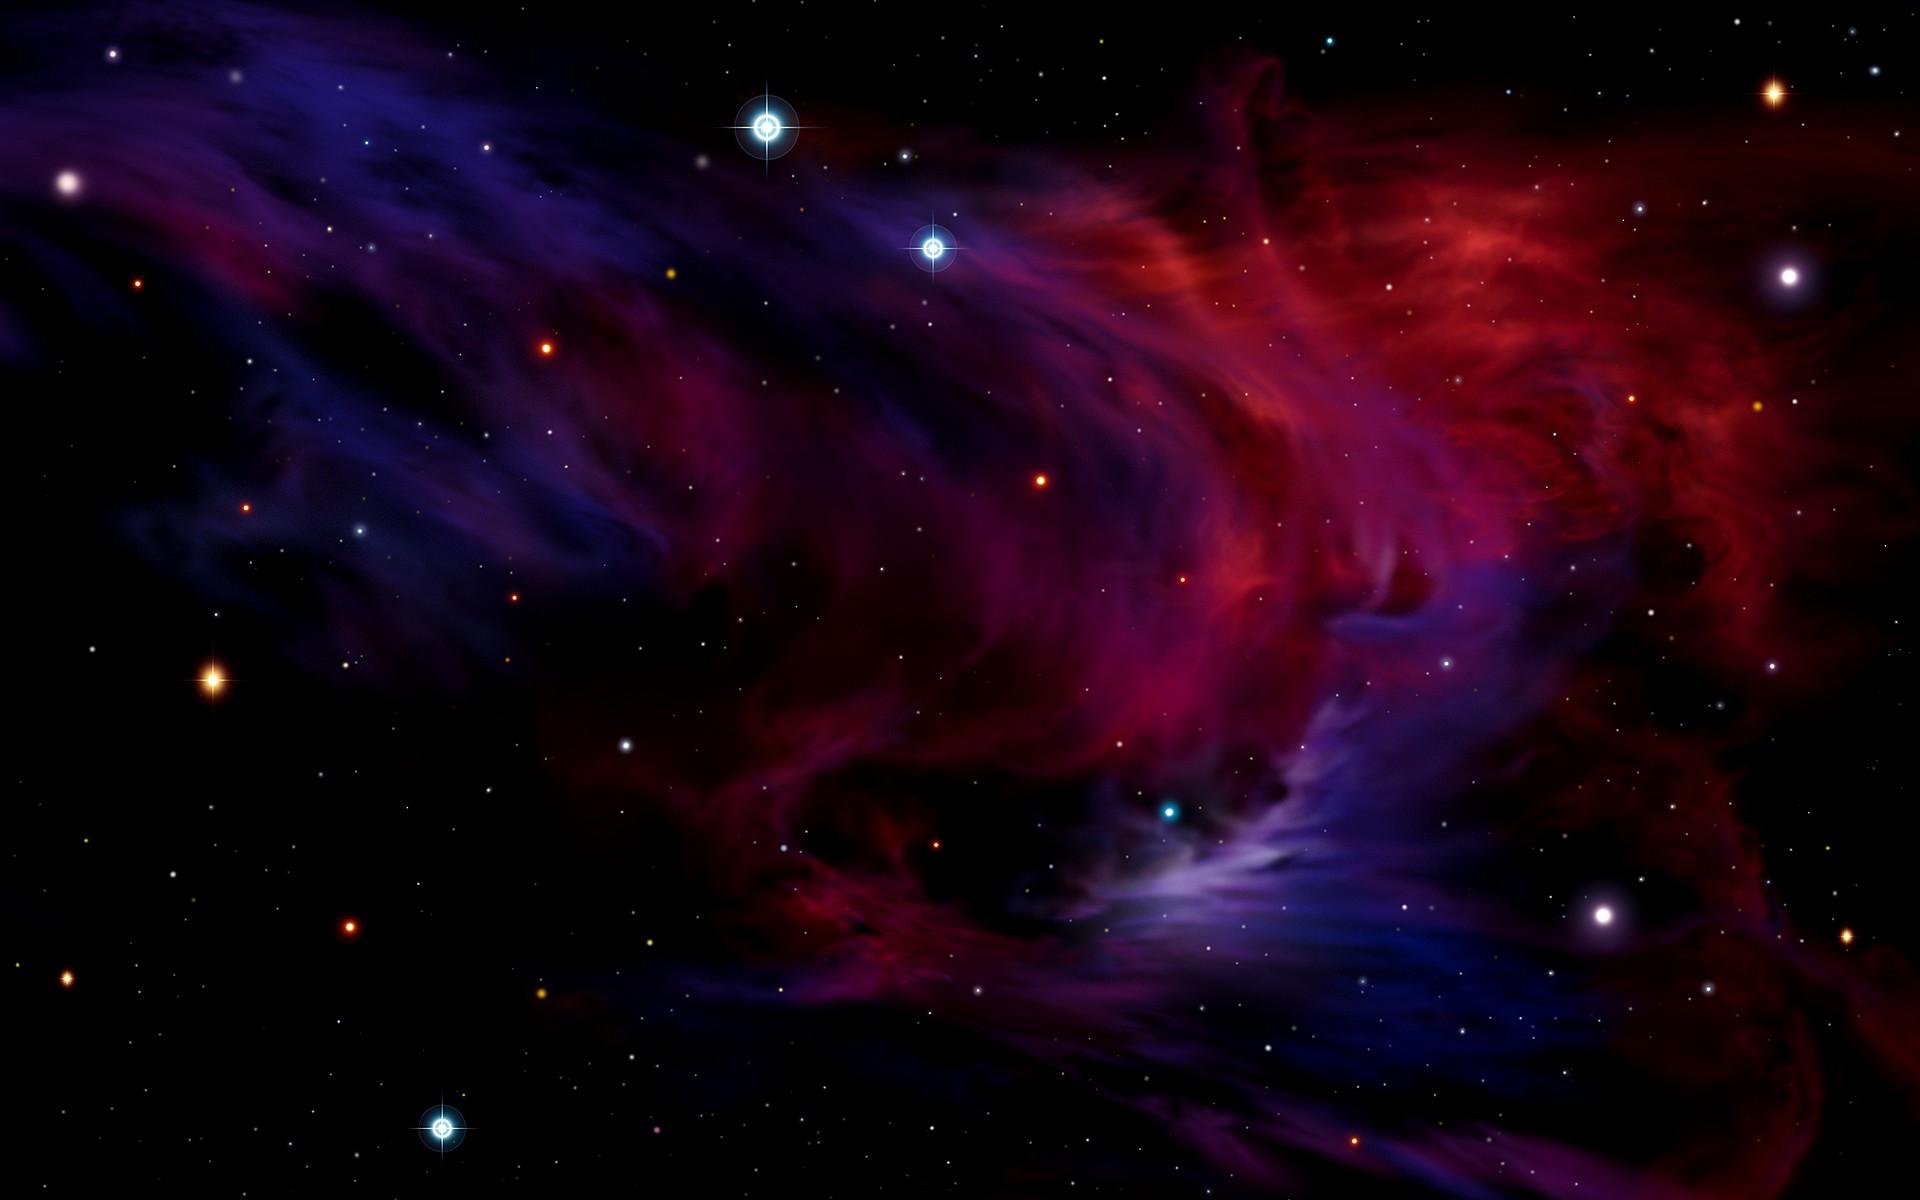 Nebula Wallpaper HD 8421